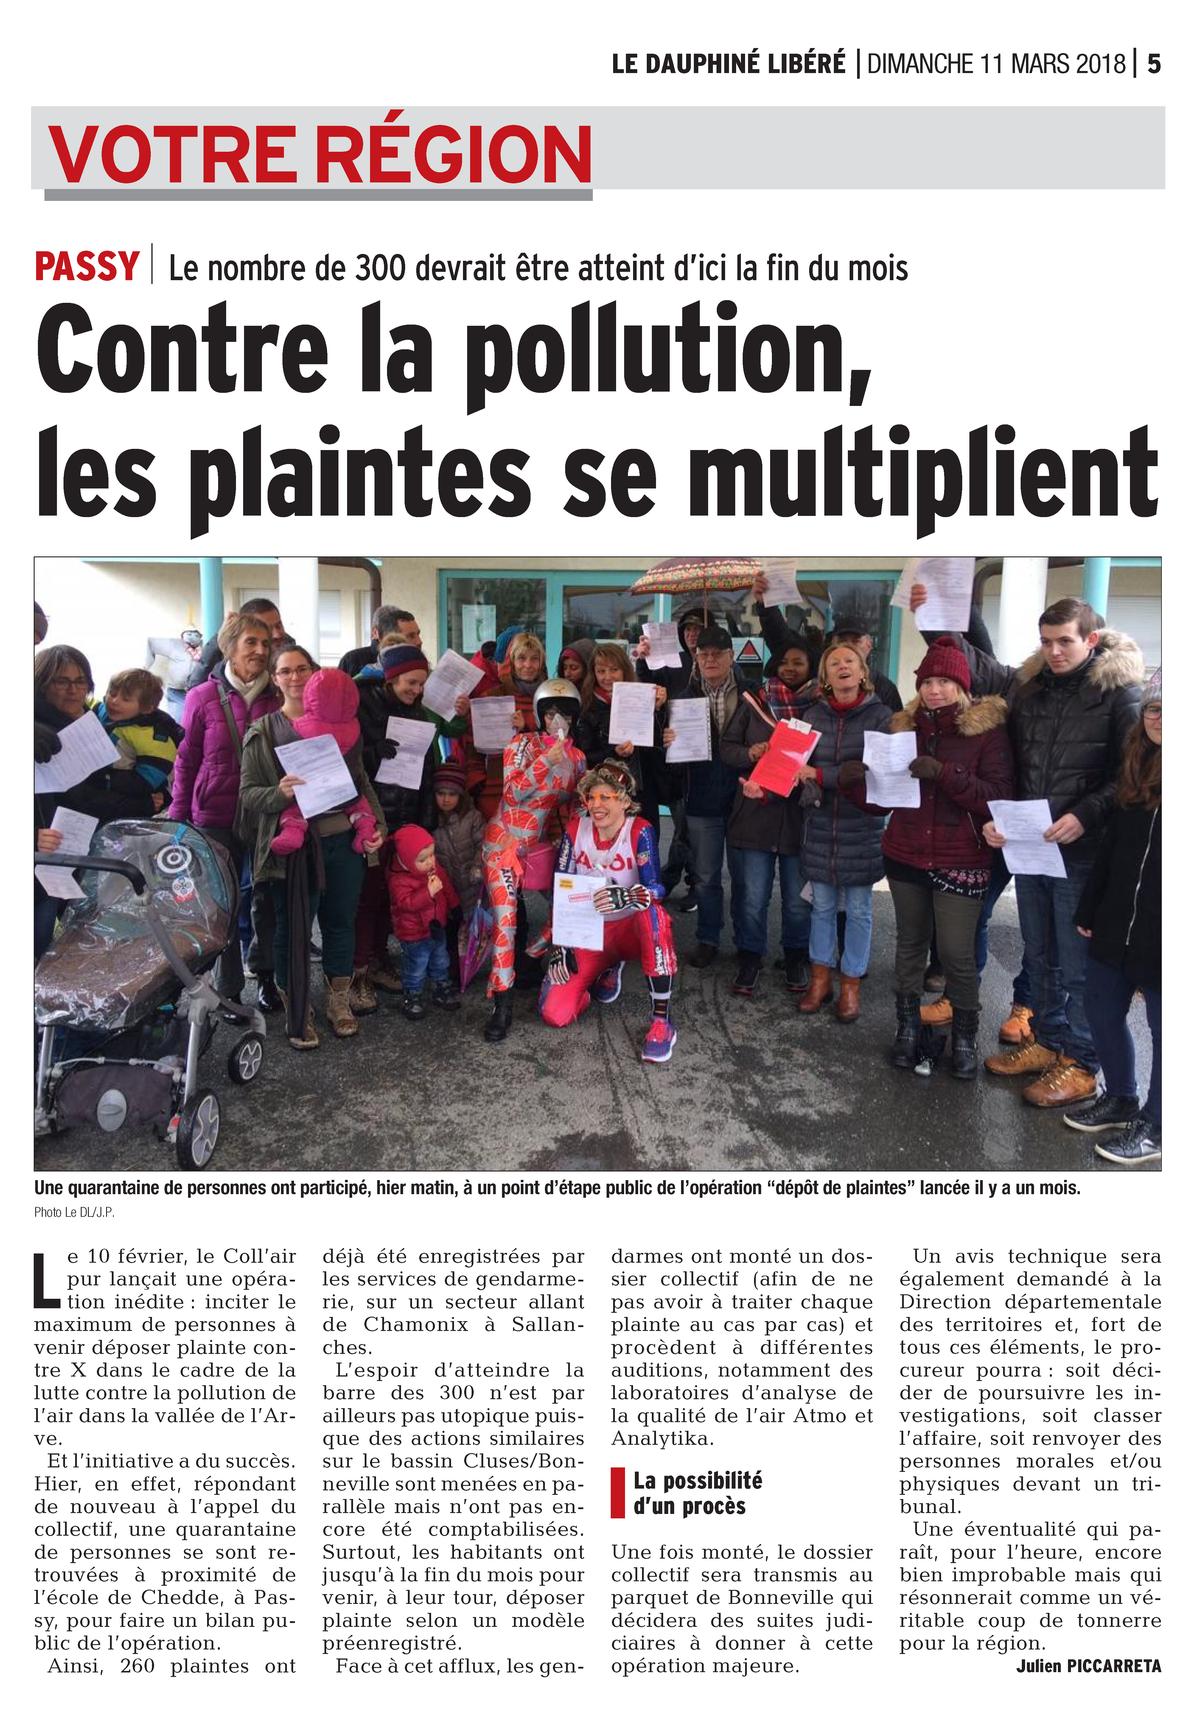 """11.03.2018 > LE DAUPHINÉ LIBÉRÉ : """"Passy : Contre la pollution dans la vallée de l'Arve, les plaintes se multiplient"""""""